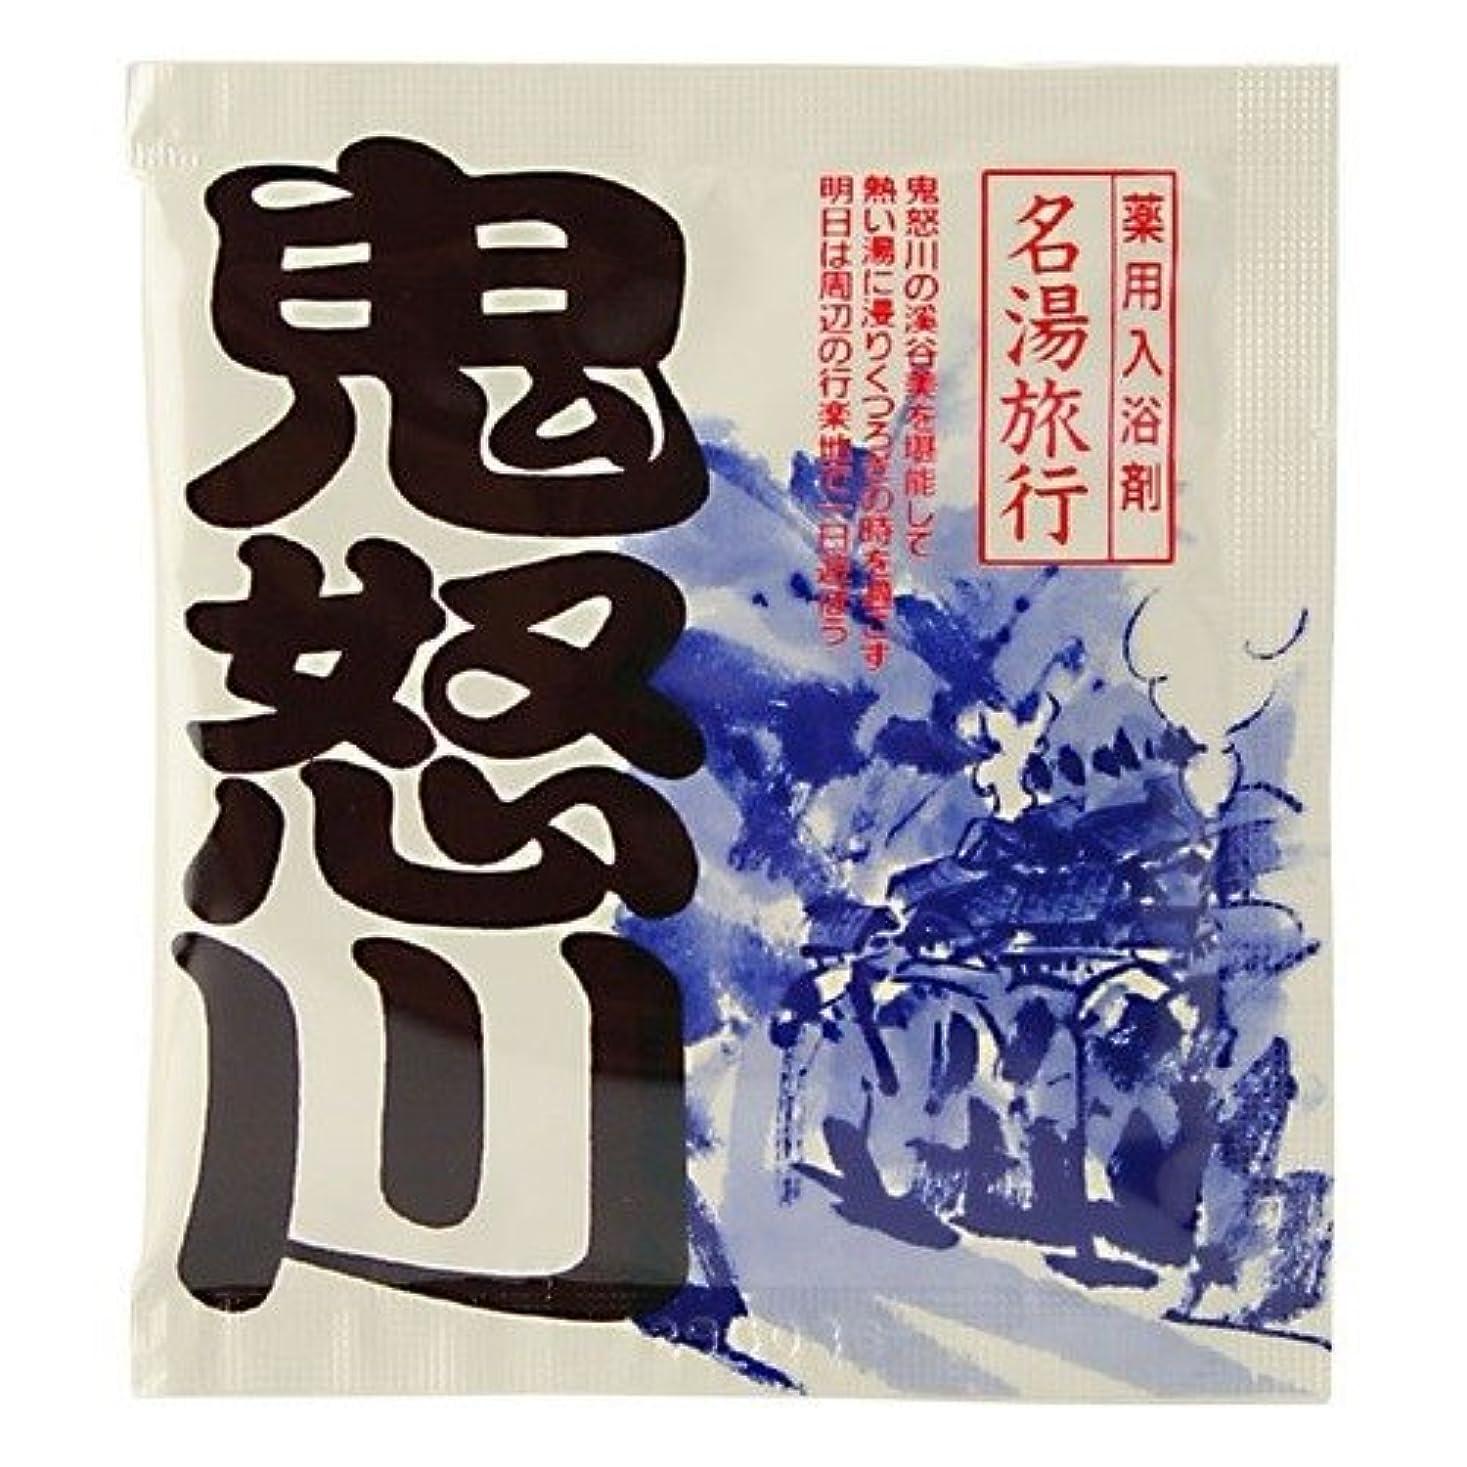 統合タオル冒険者五洲薬品 名湯旅行 鬼怒川 25g 4987332126706